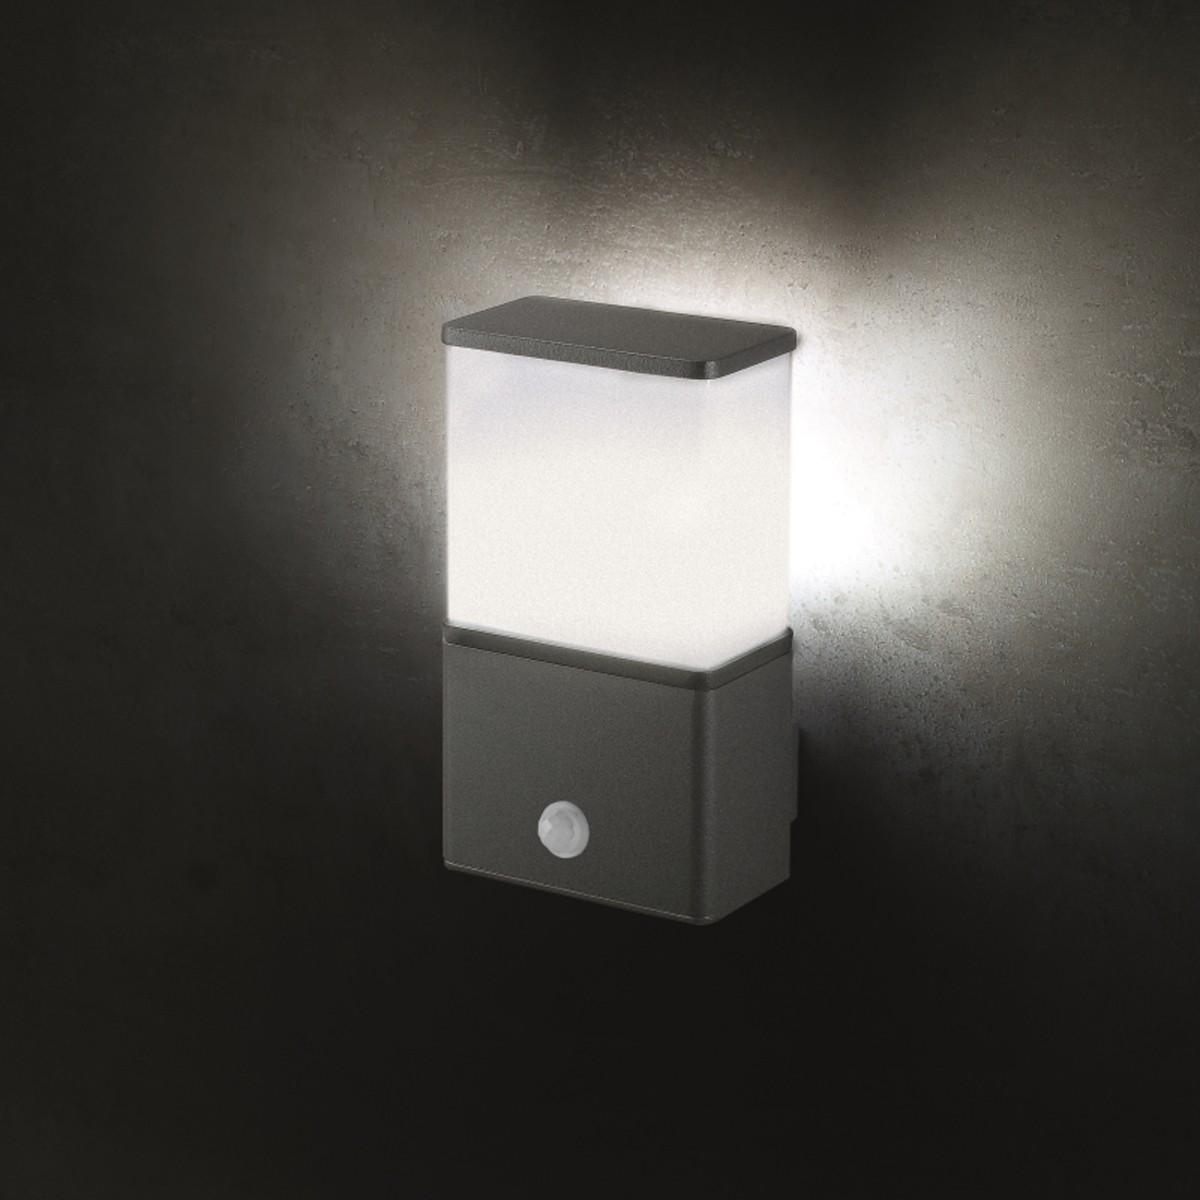 Lupia Licht Luka W Außenwandleuchte, mit Sensor, anthrazit